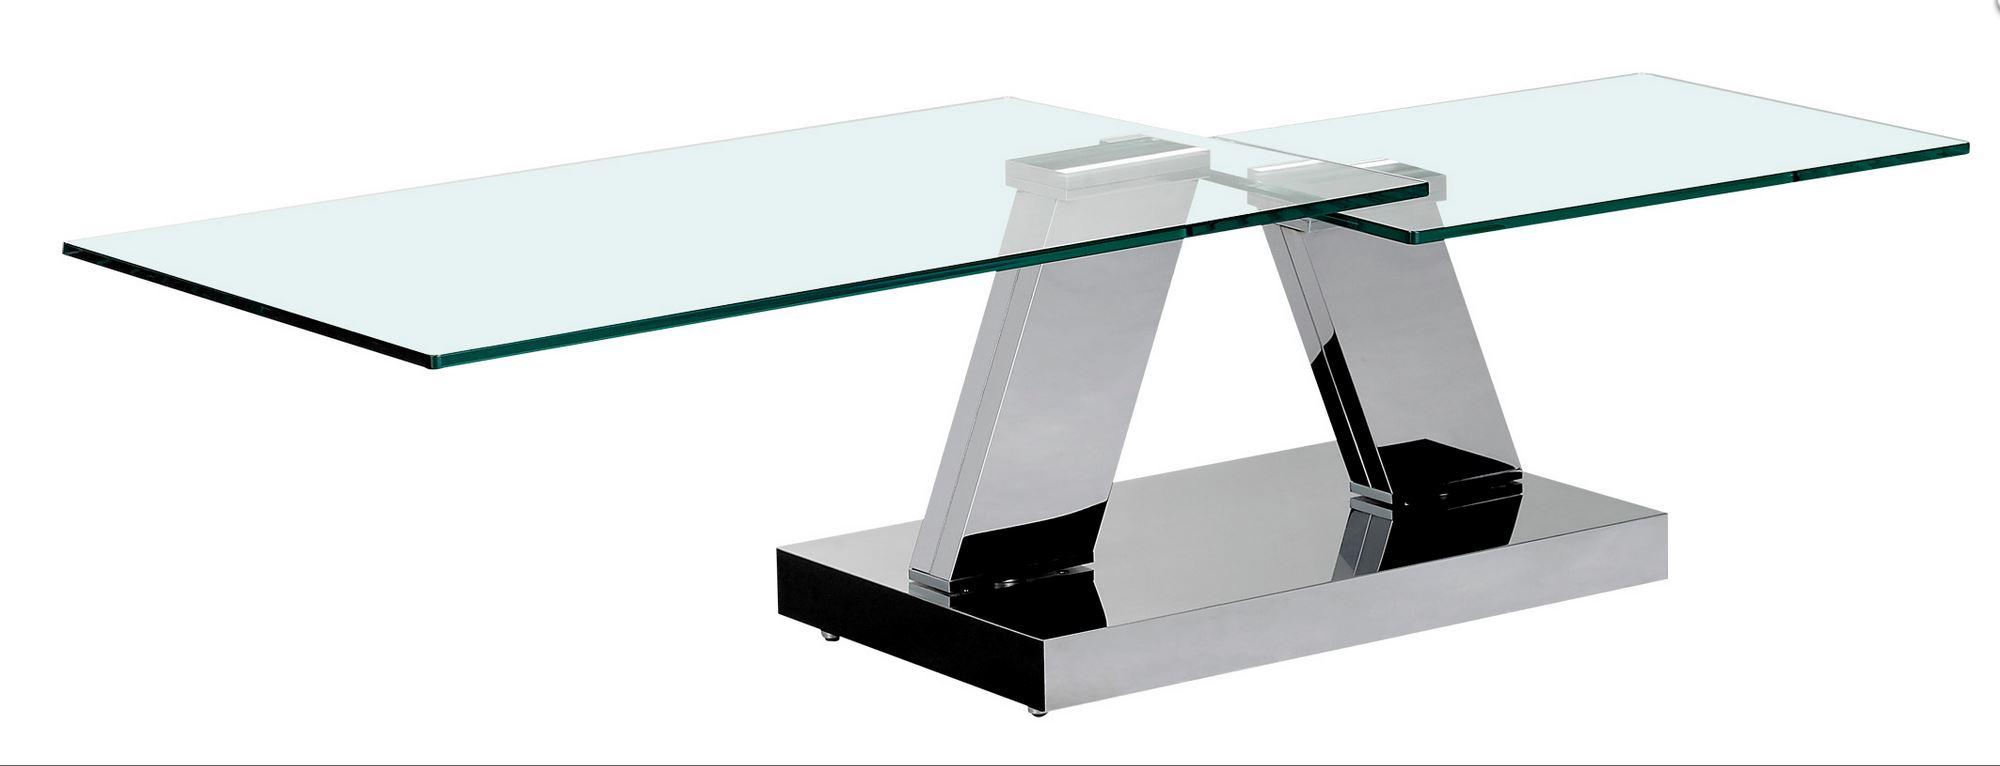 avec verre piétement Table OPEN chromé Modèle basse extensible sCtrdhQ